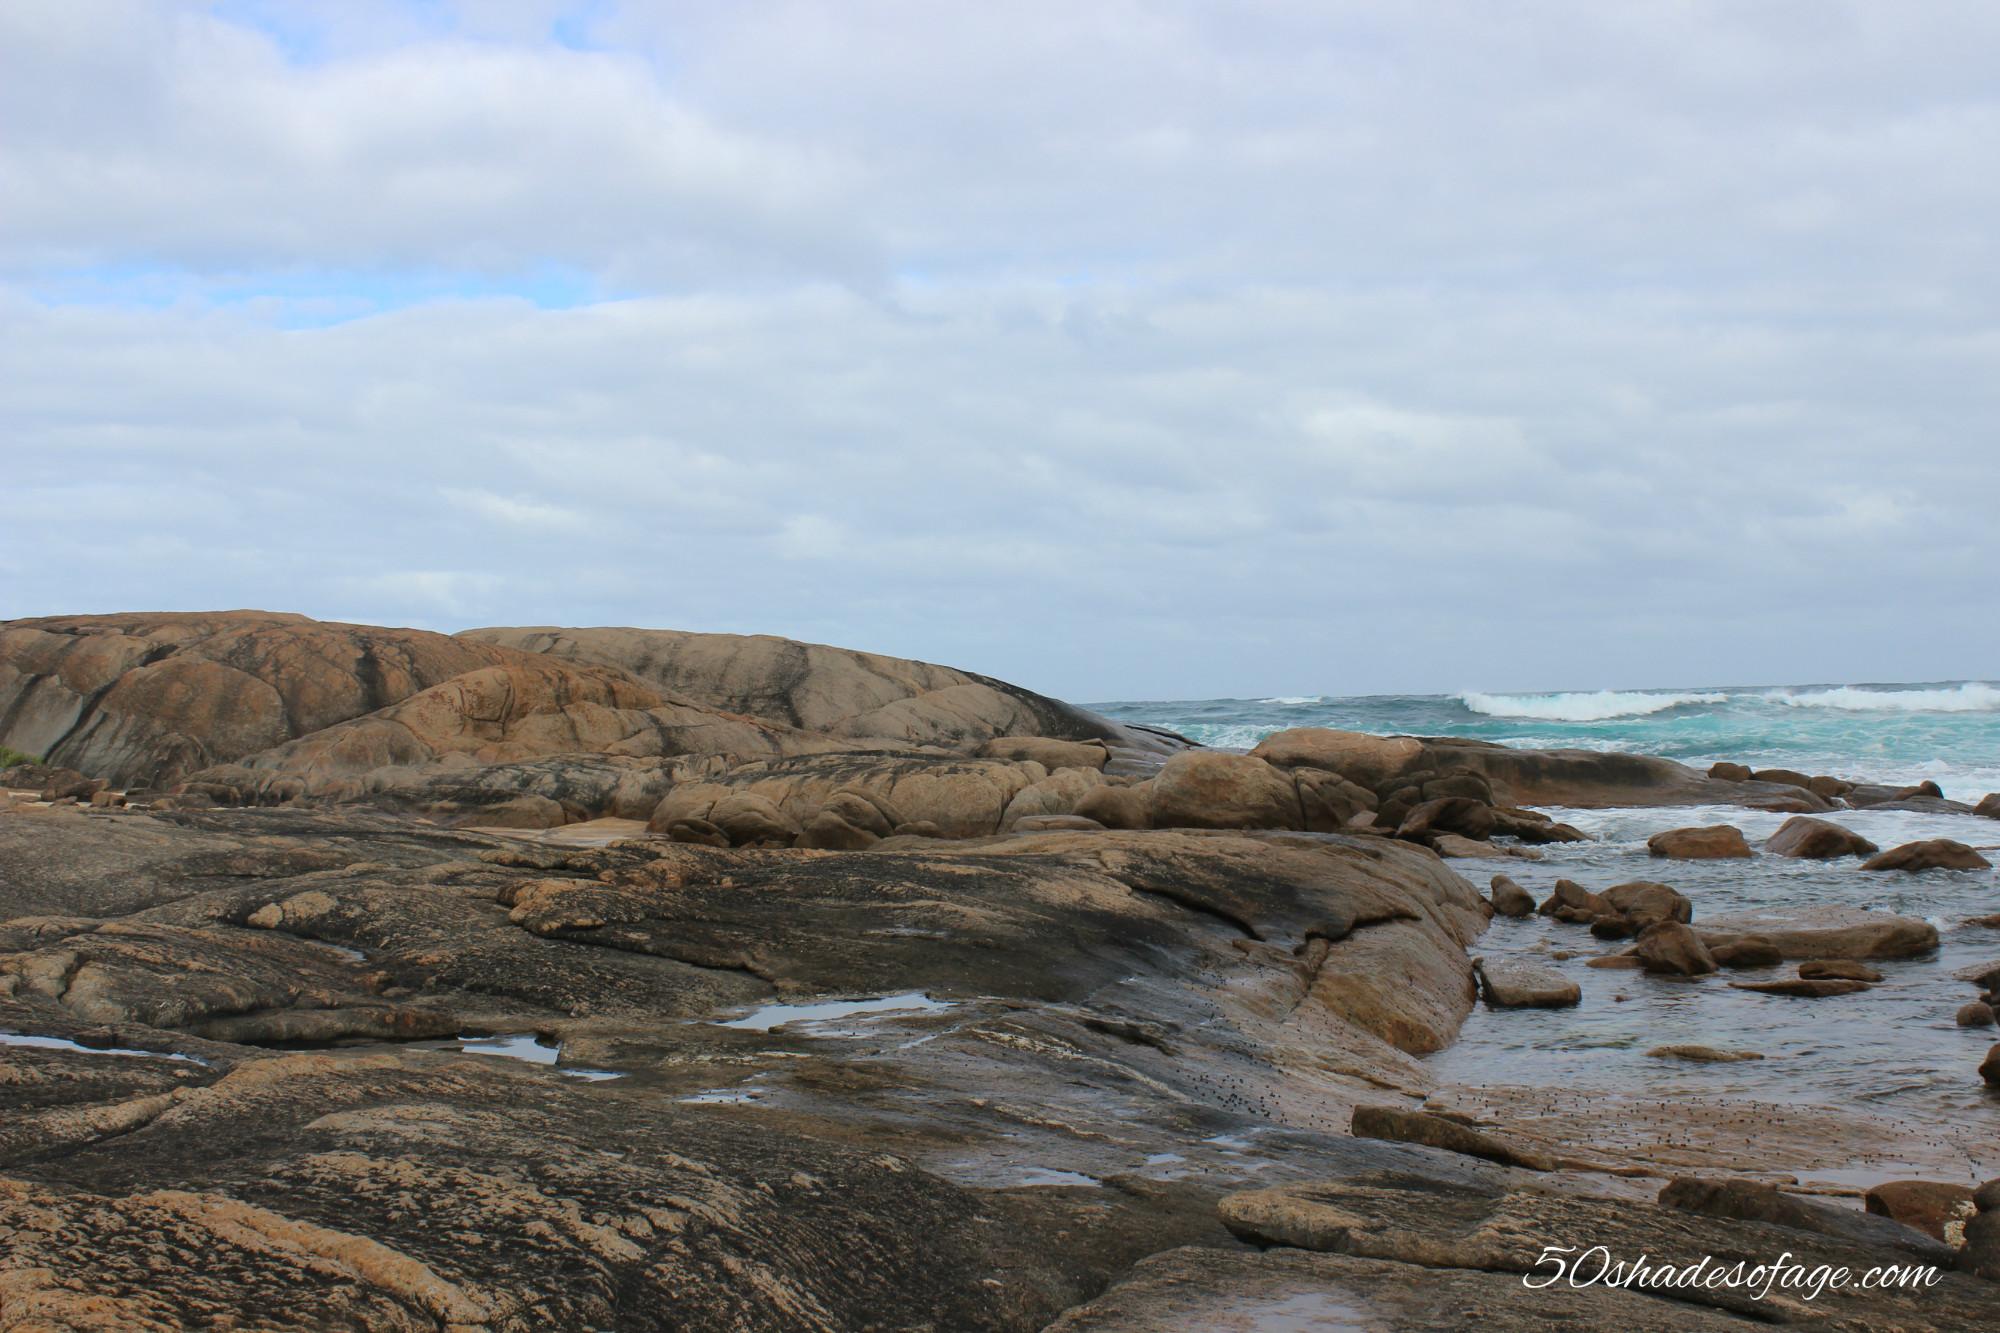 Aussie Remarkable Rocks Part 1